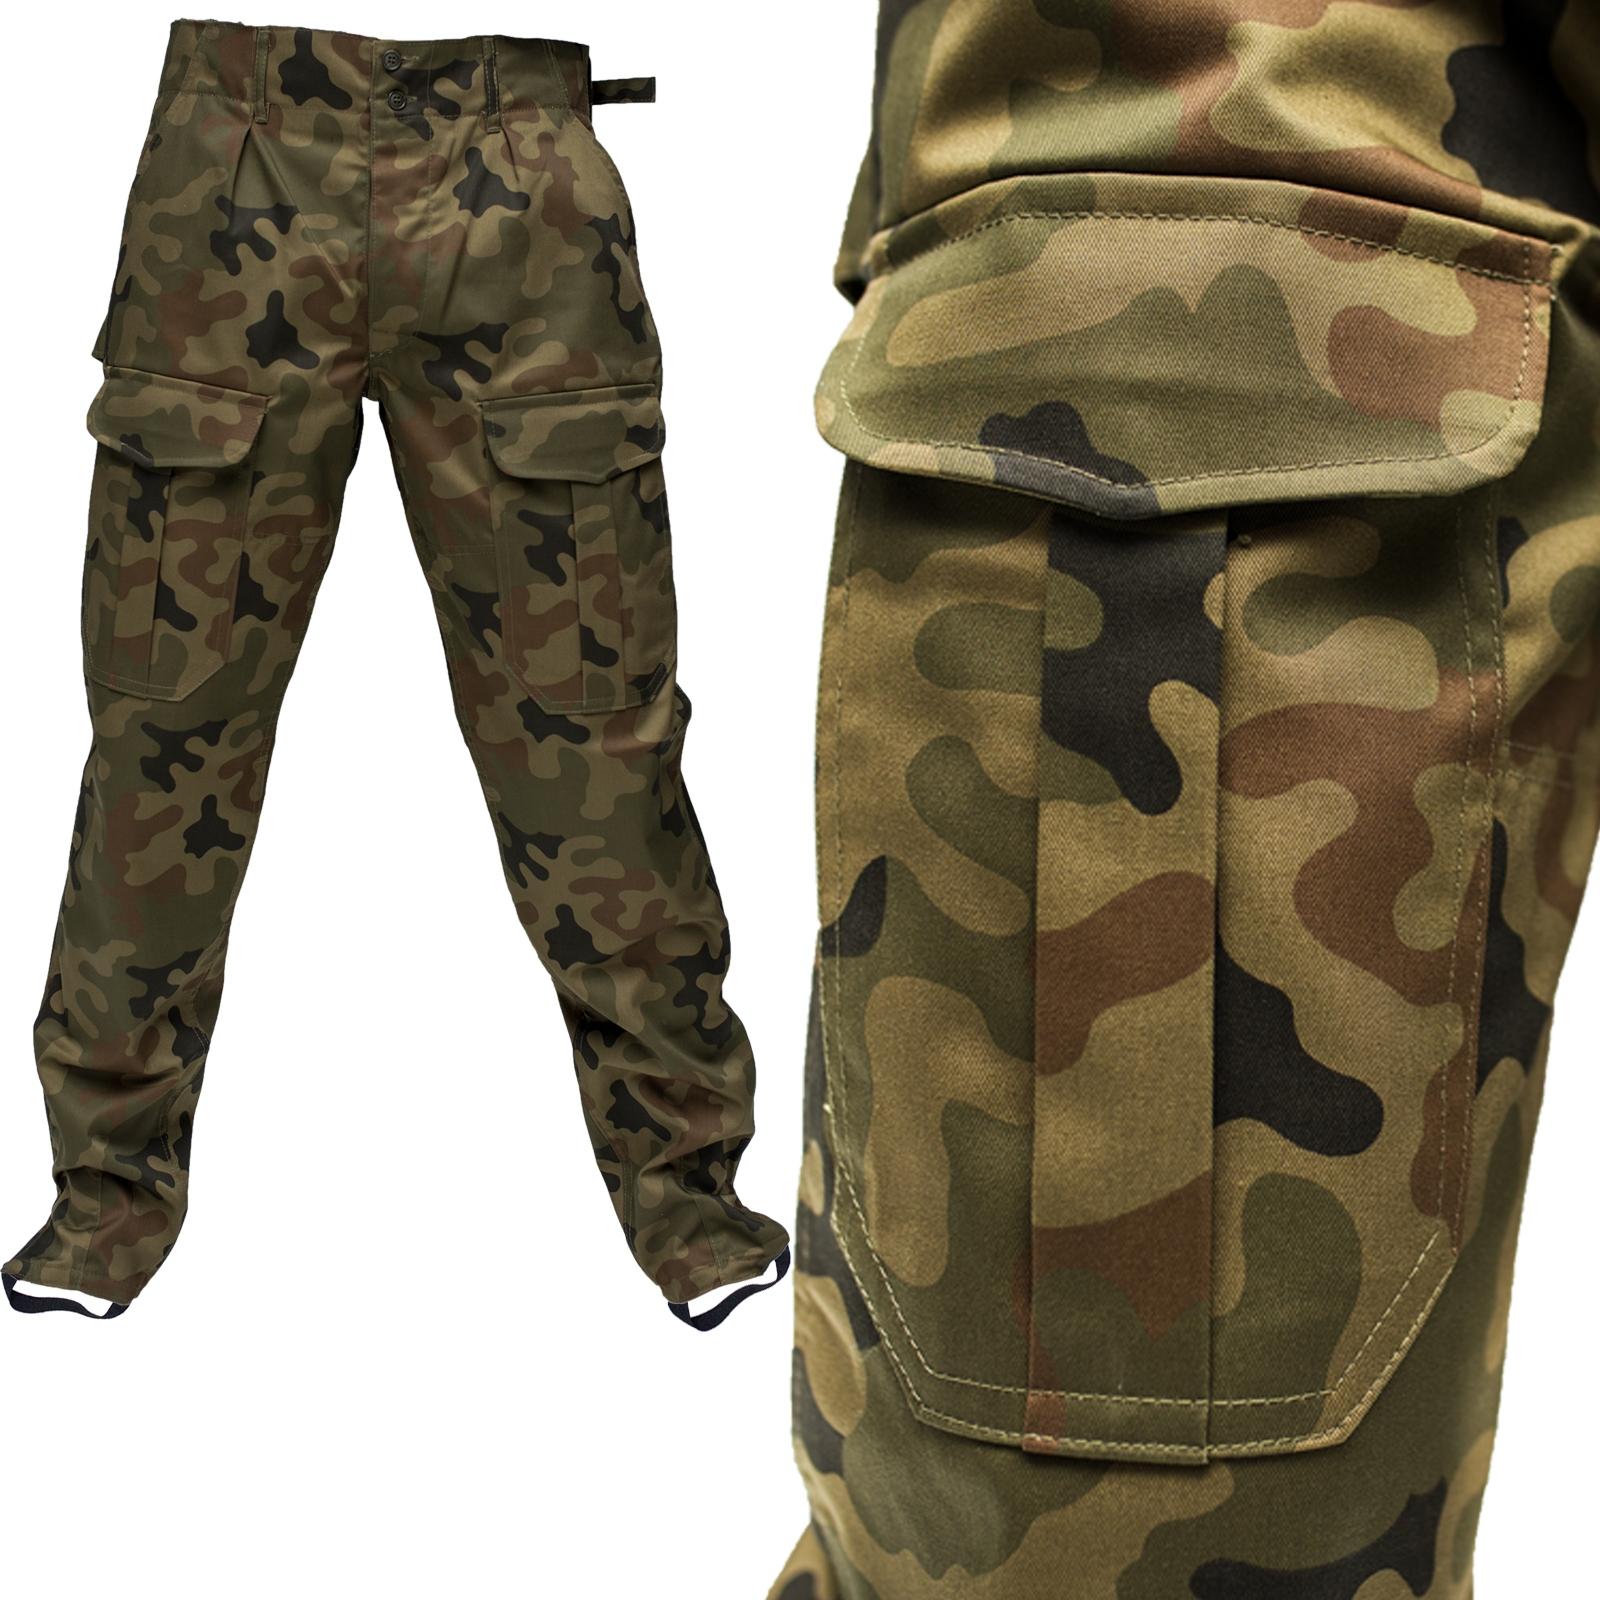 97a70b17b Spodnie wojskowe POLSKIE MORO Bojówki Pantera XL/L 7574944165 - Allegro.pl